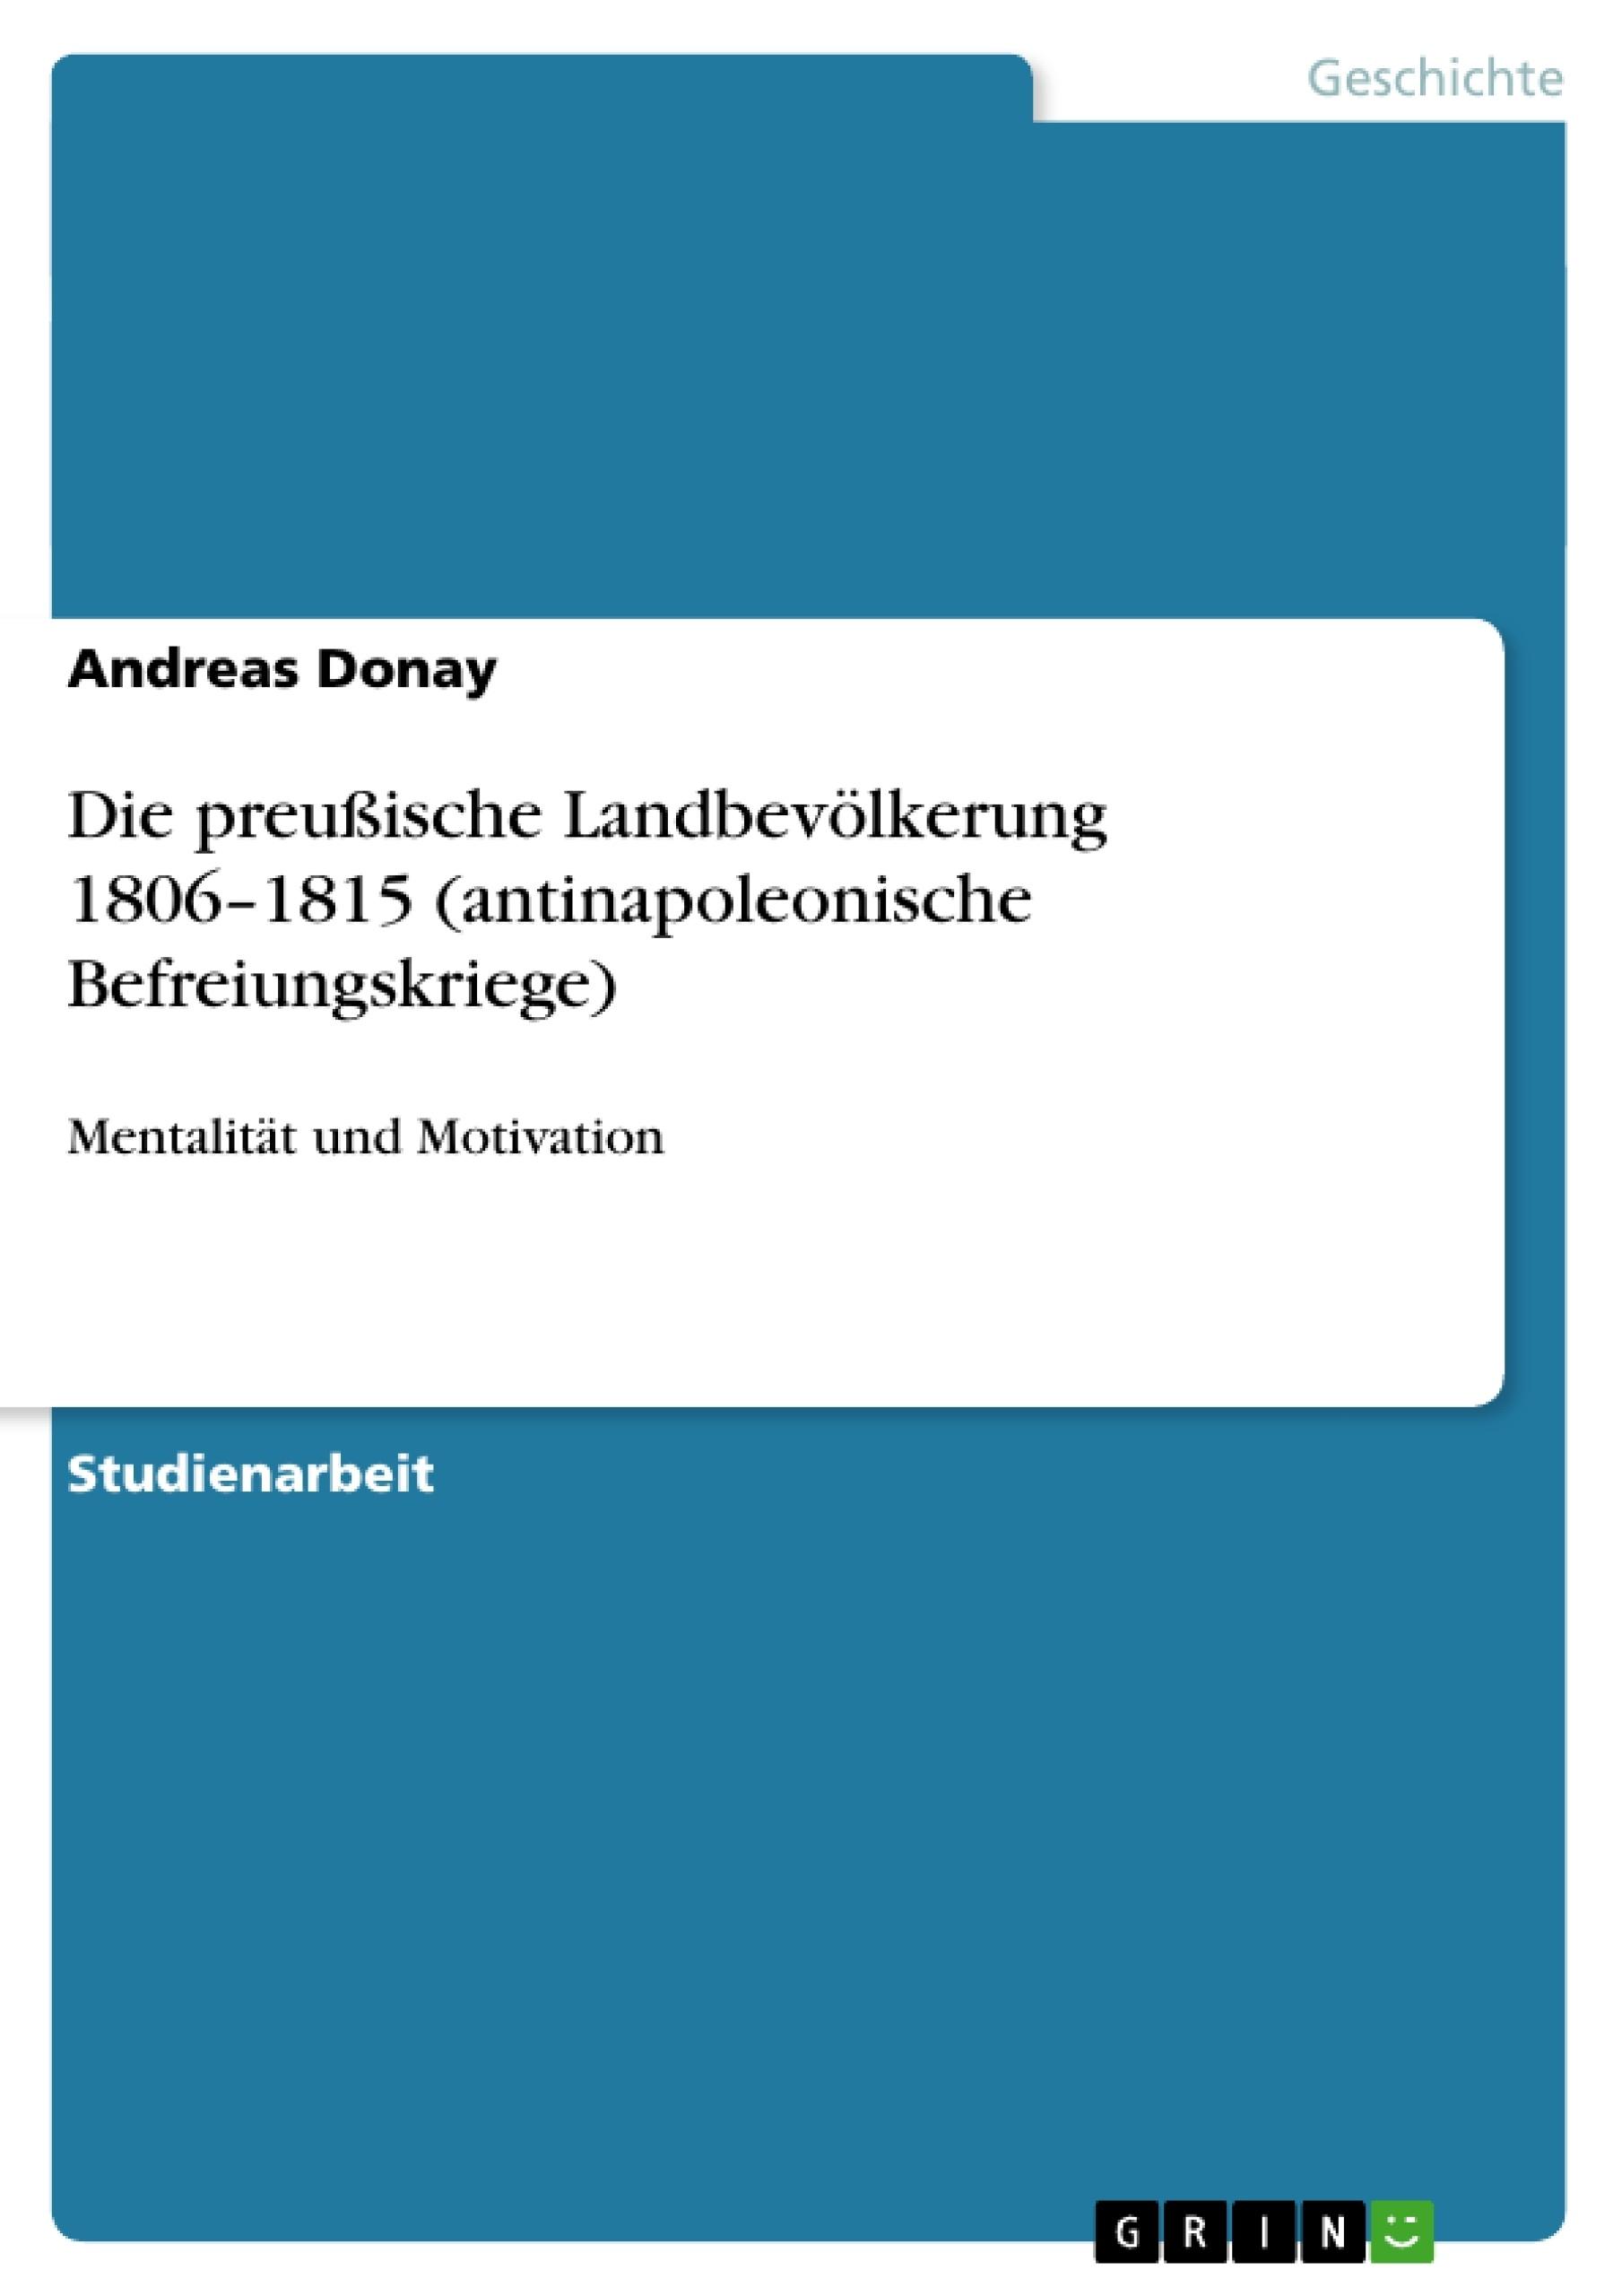 Titel: Die preußische Landbevölkerung 1806–1815 (antinapoleonische Befreiungskriege)